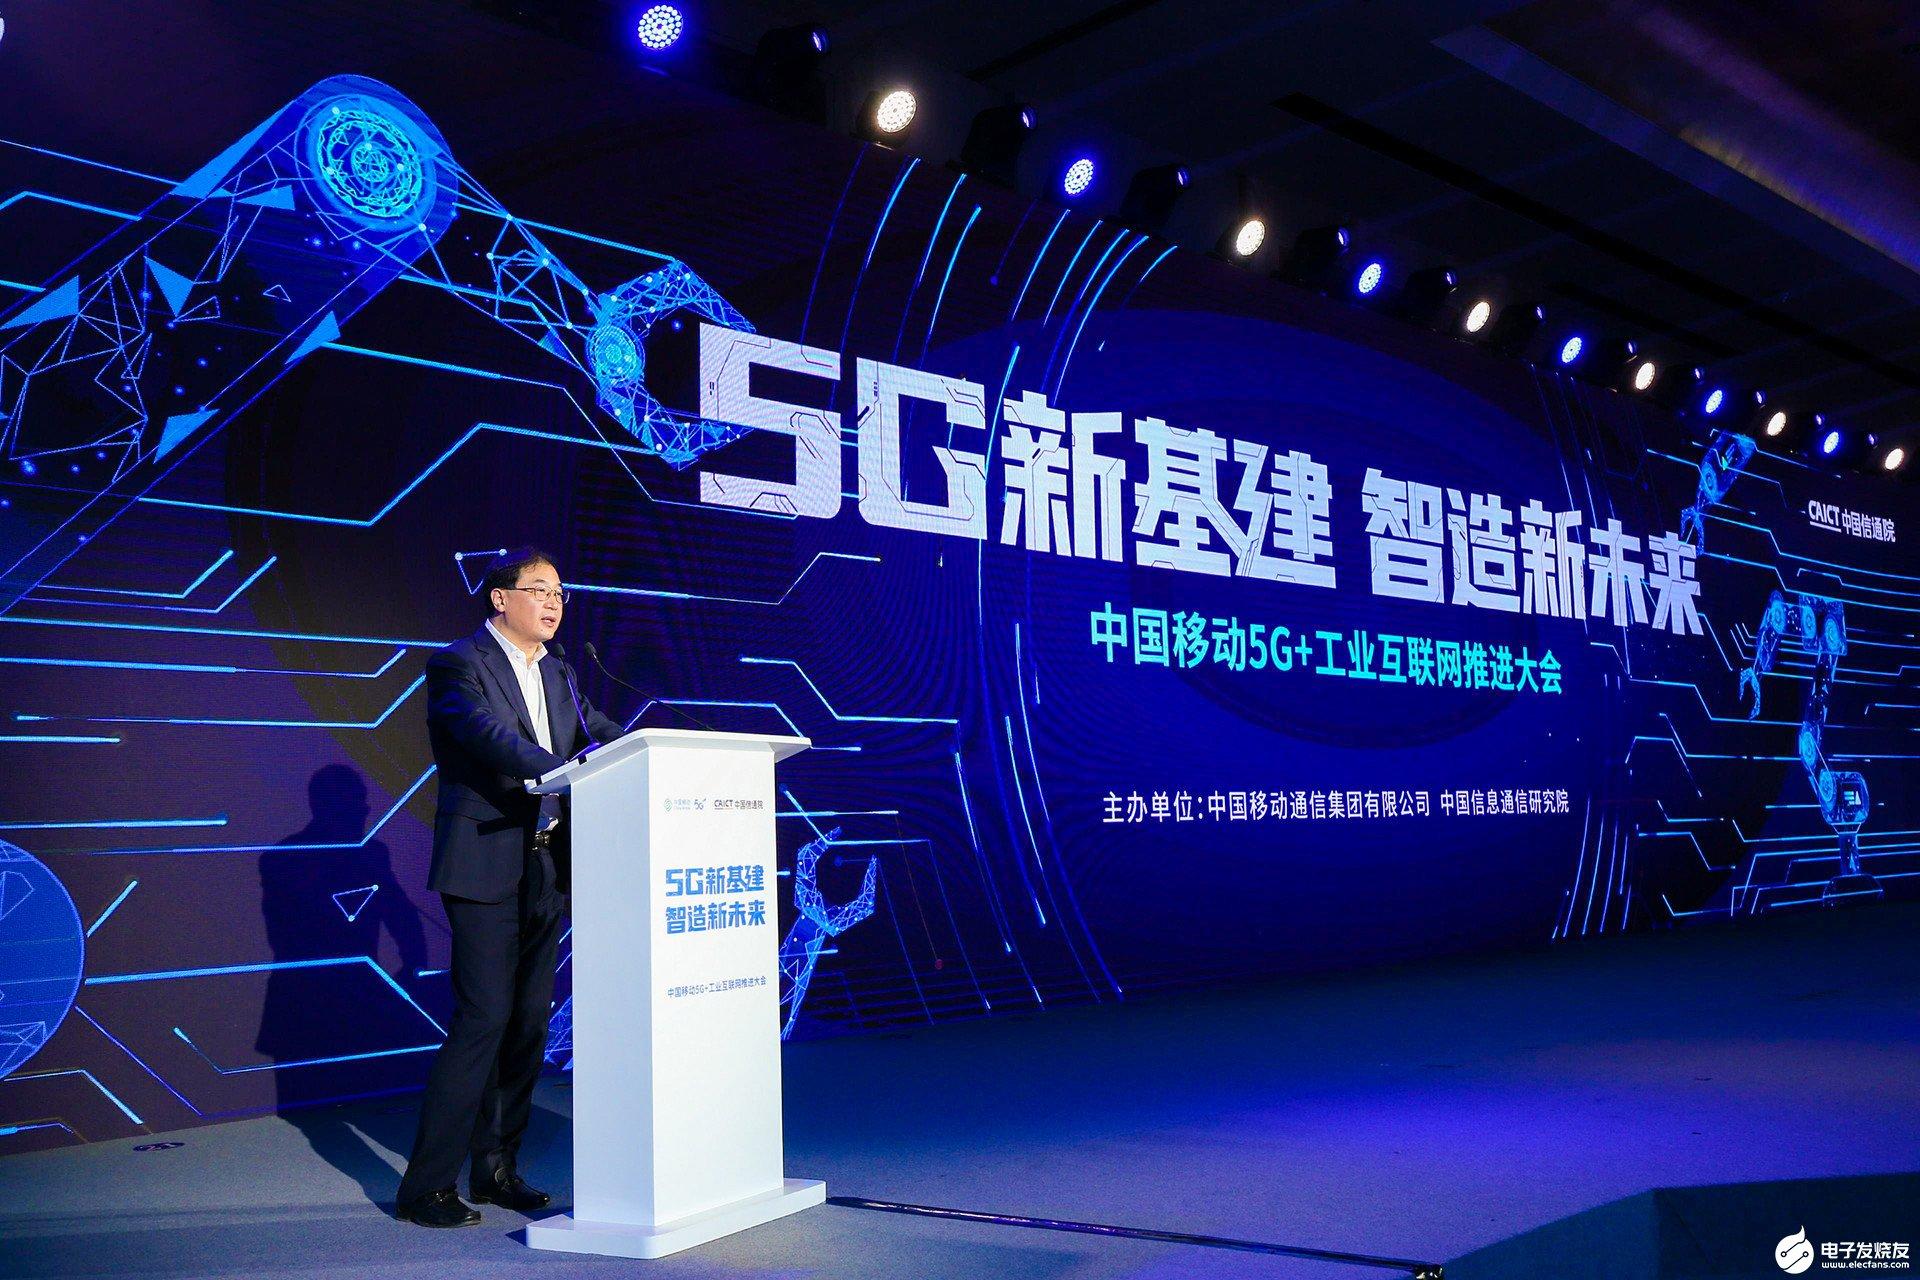 5G+工业互联网提供三大新动能,中国移动构建三大领先优势